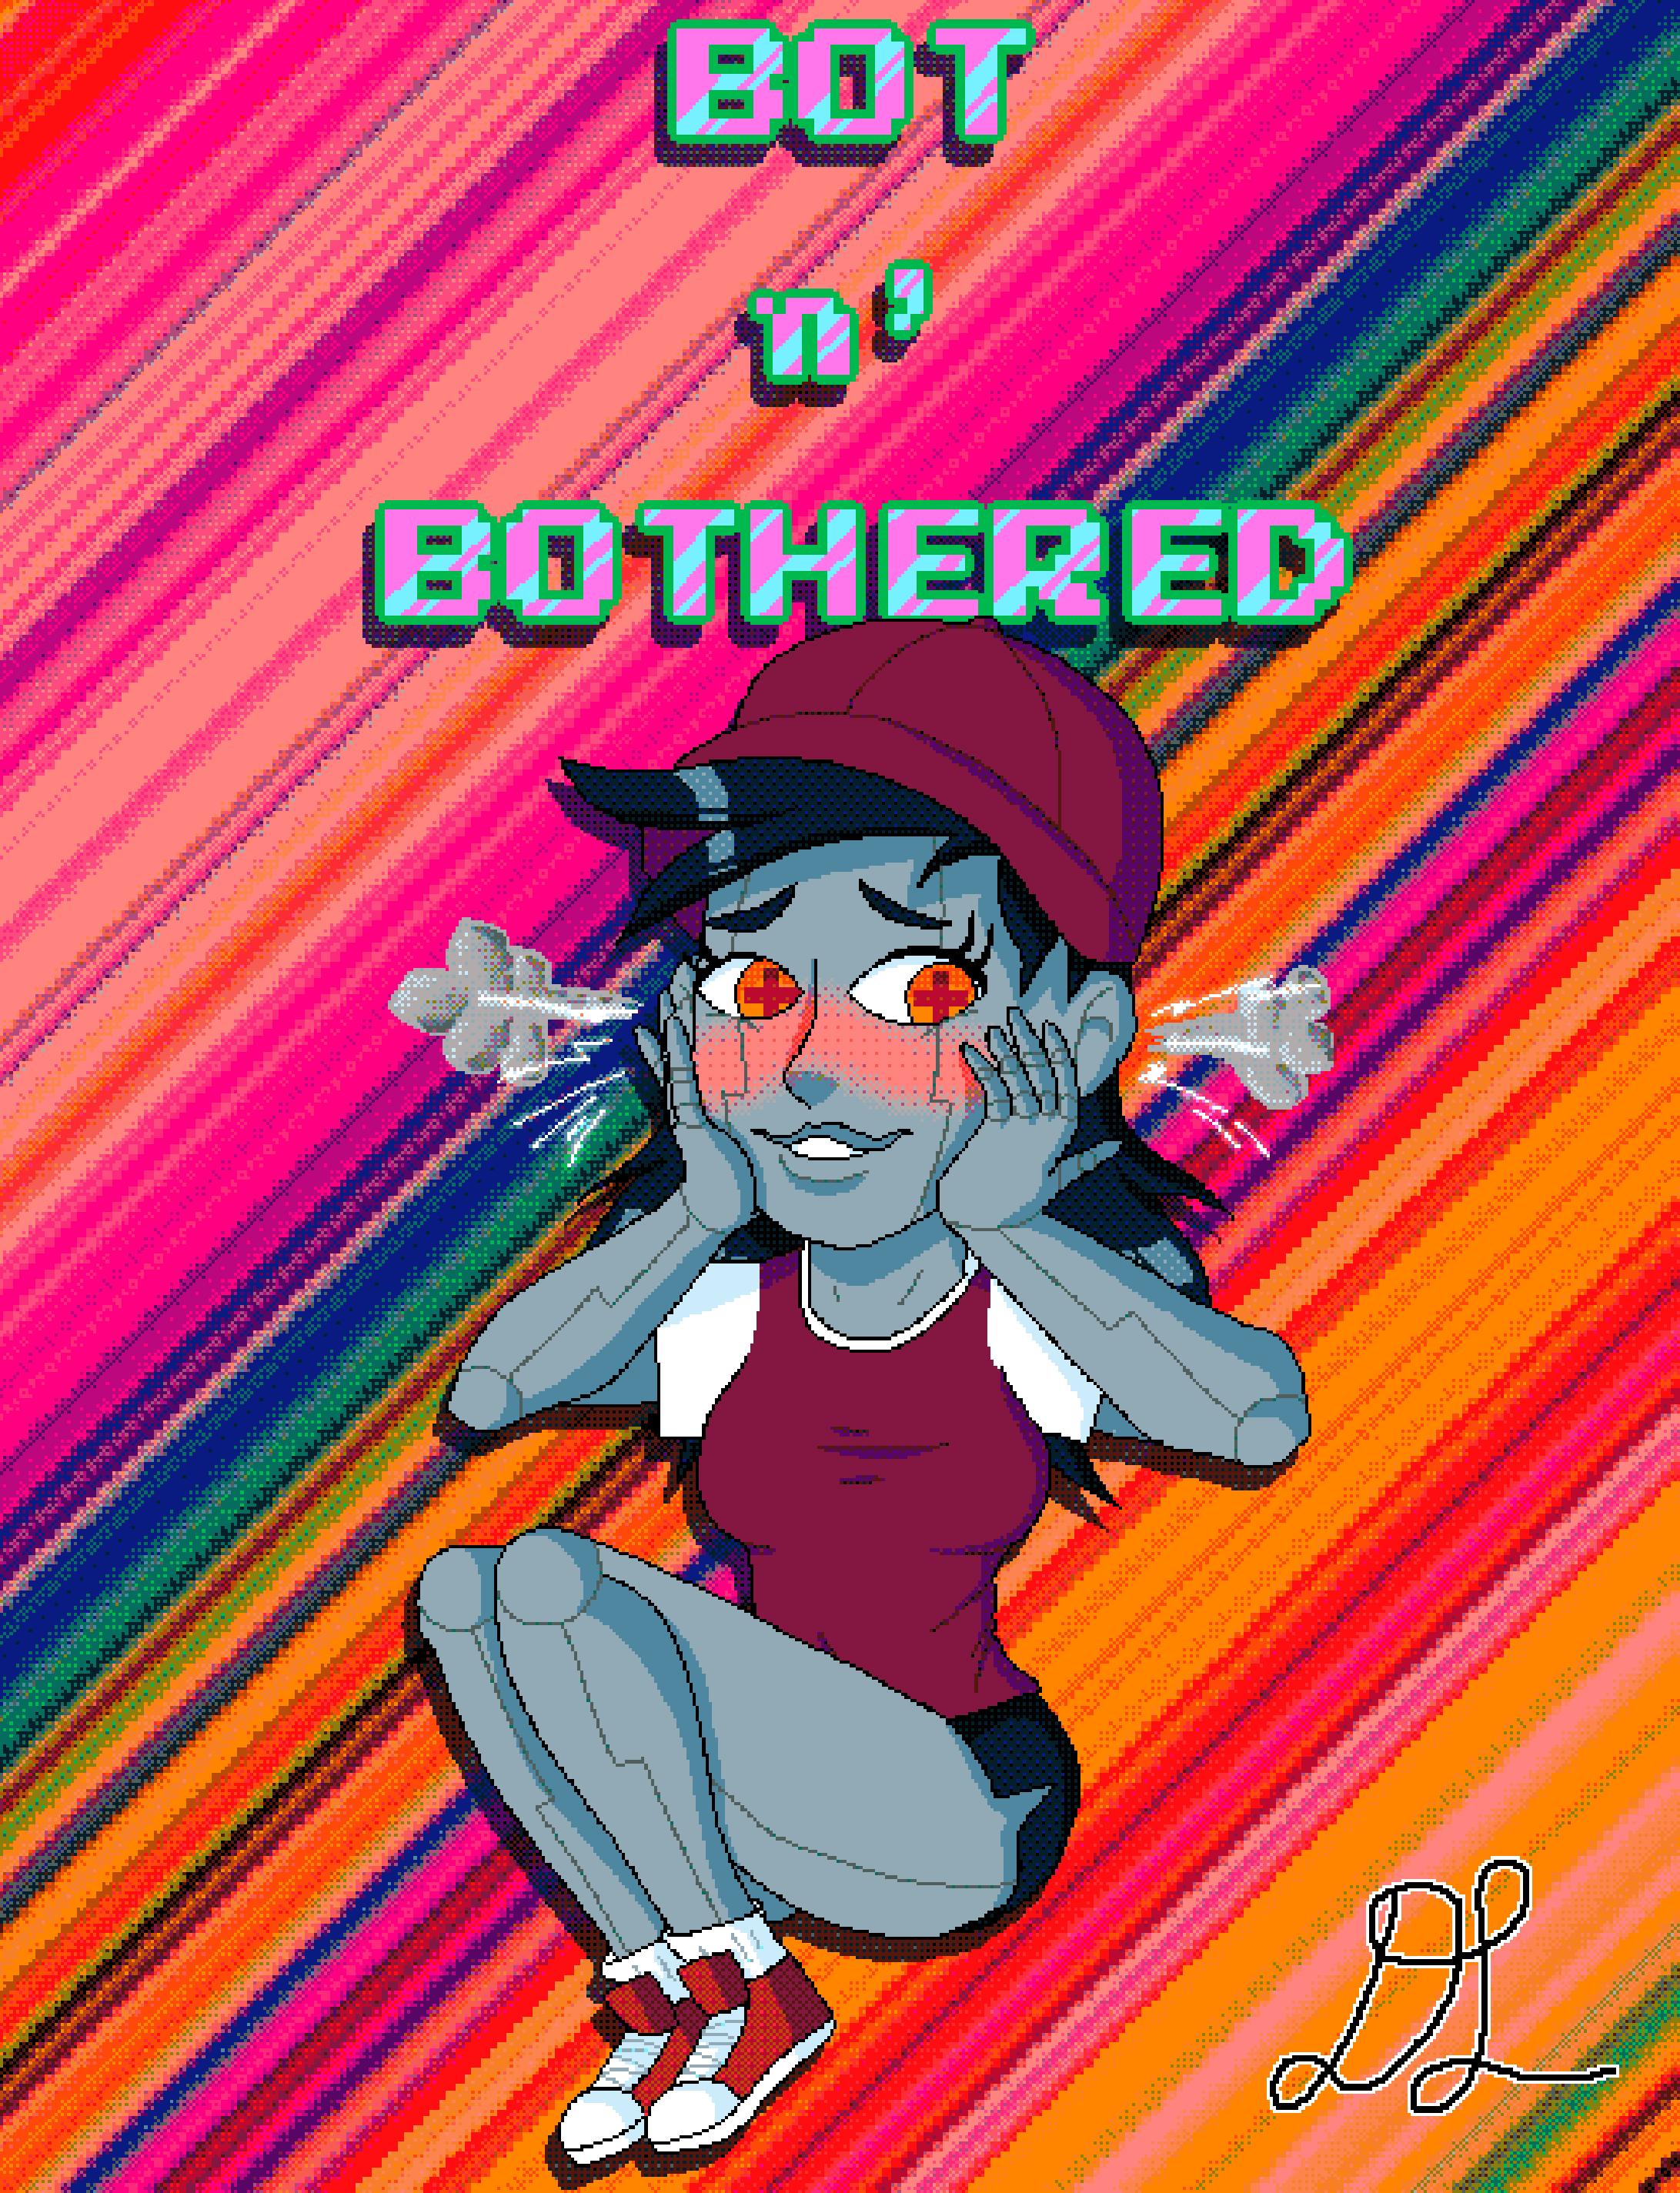 Bot n' Bothered